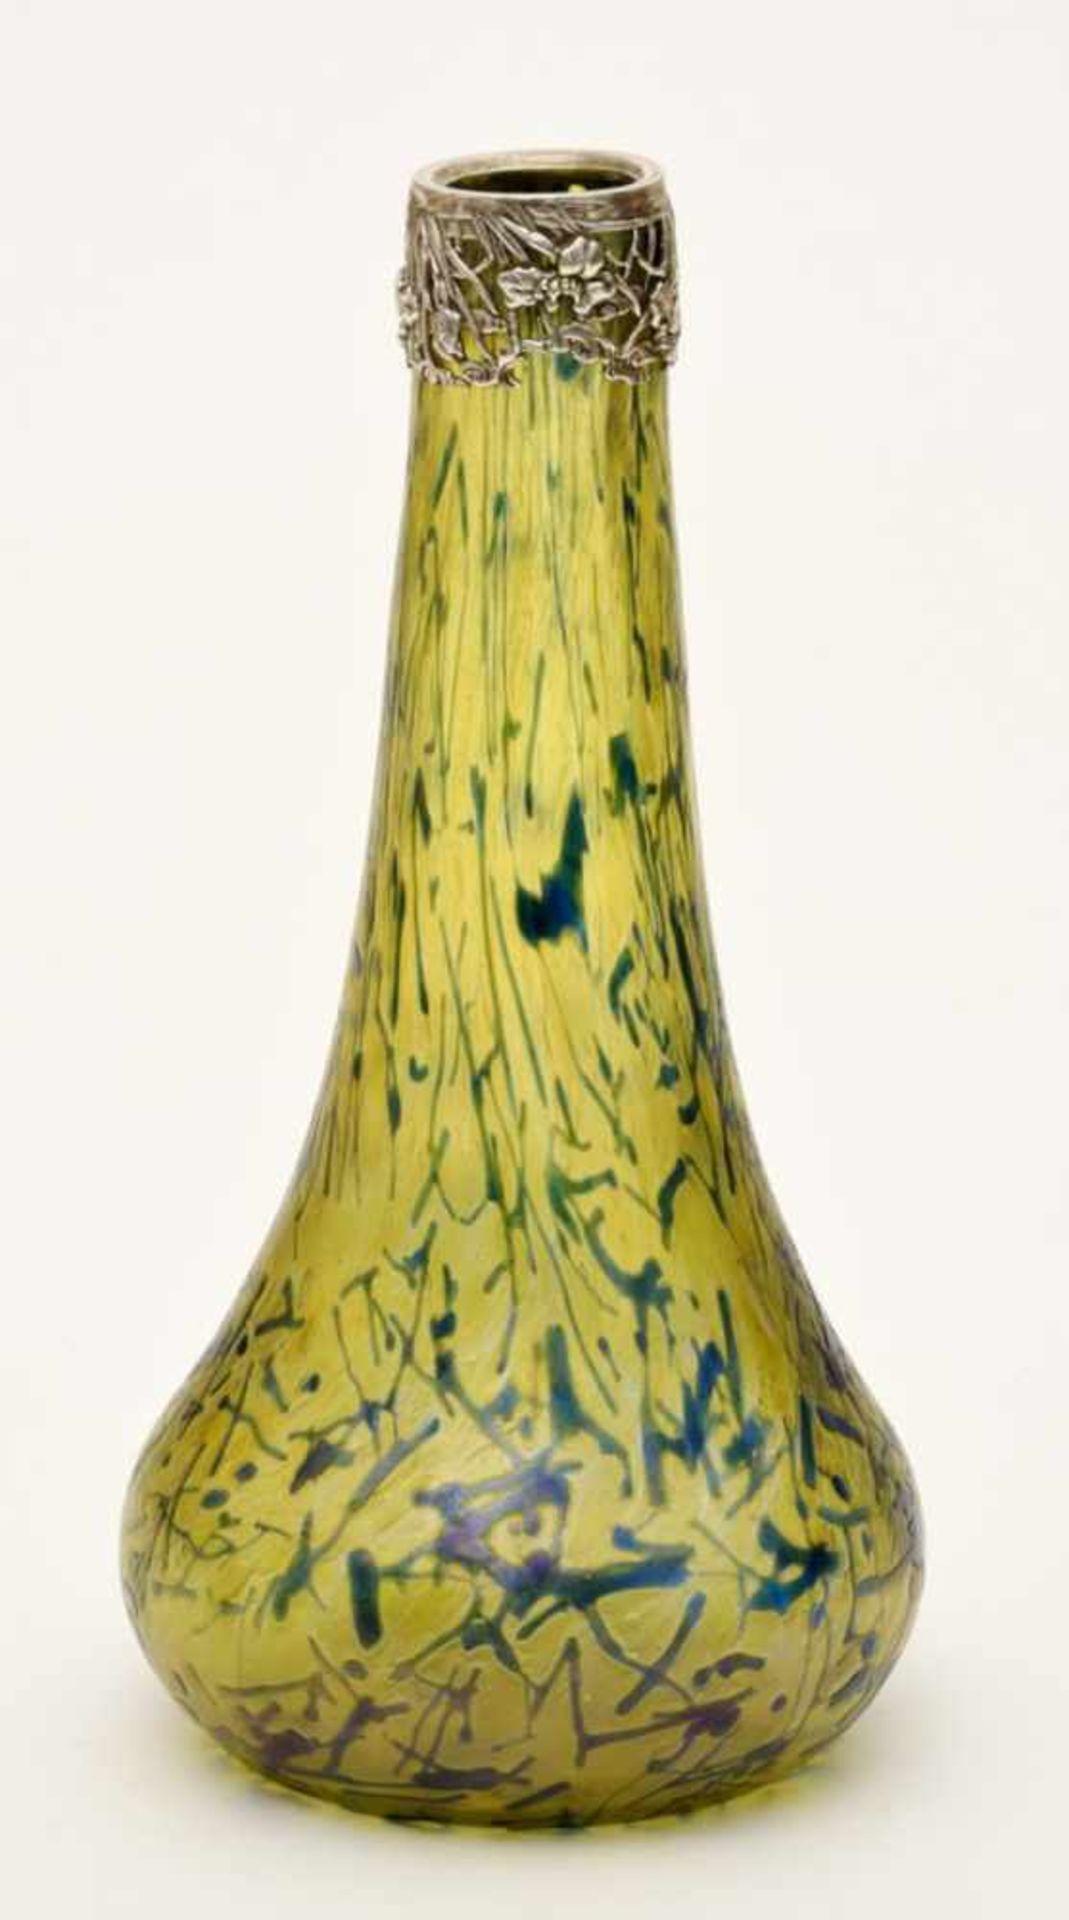 Jugendstilvase, (wohl Joh. Loetz Witwe um 1900)gelblich/grün irisiertes Glas, grün/violette